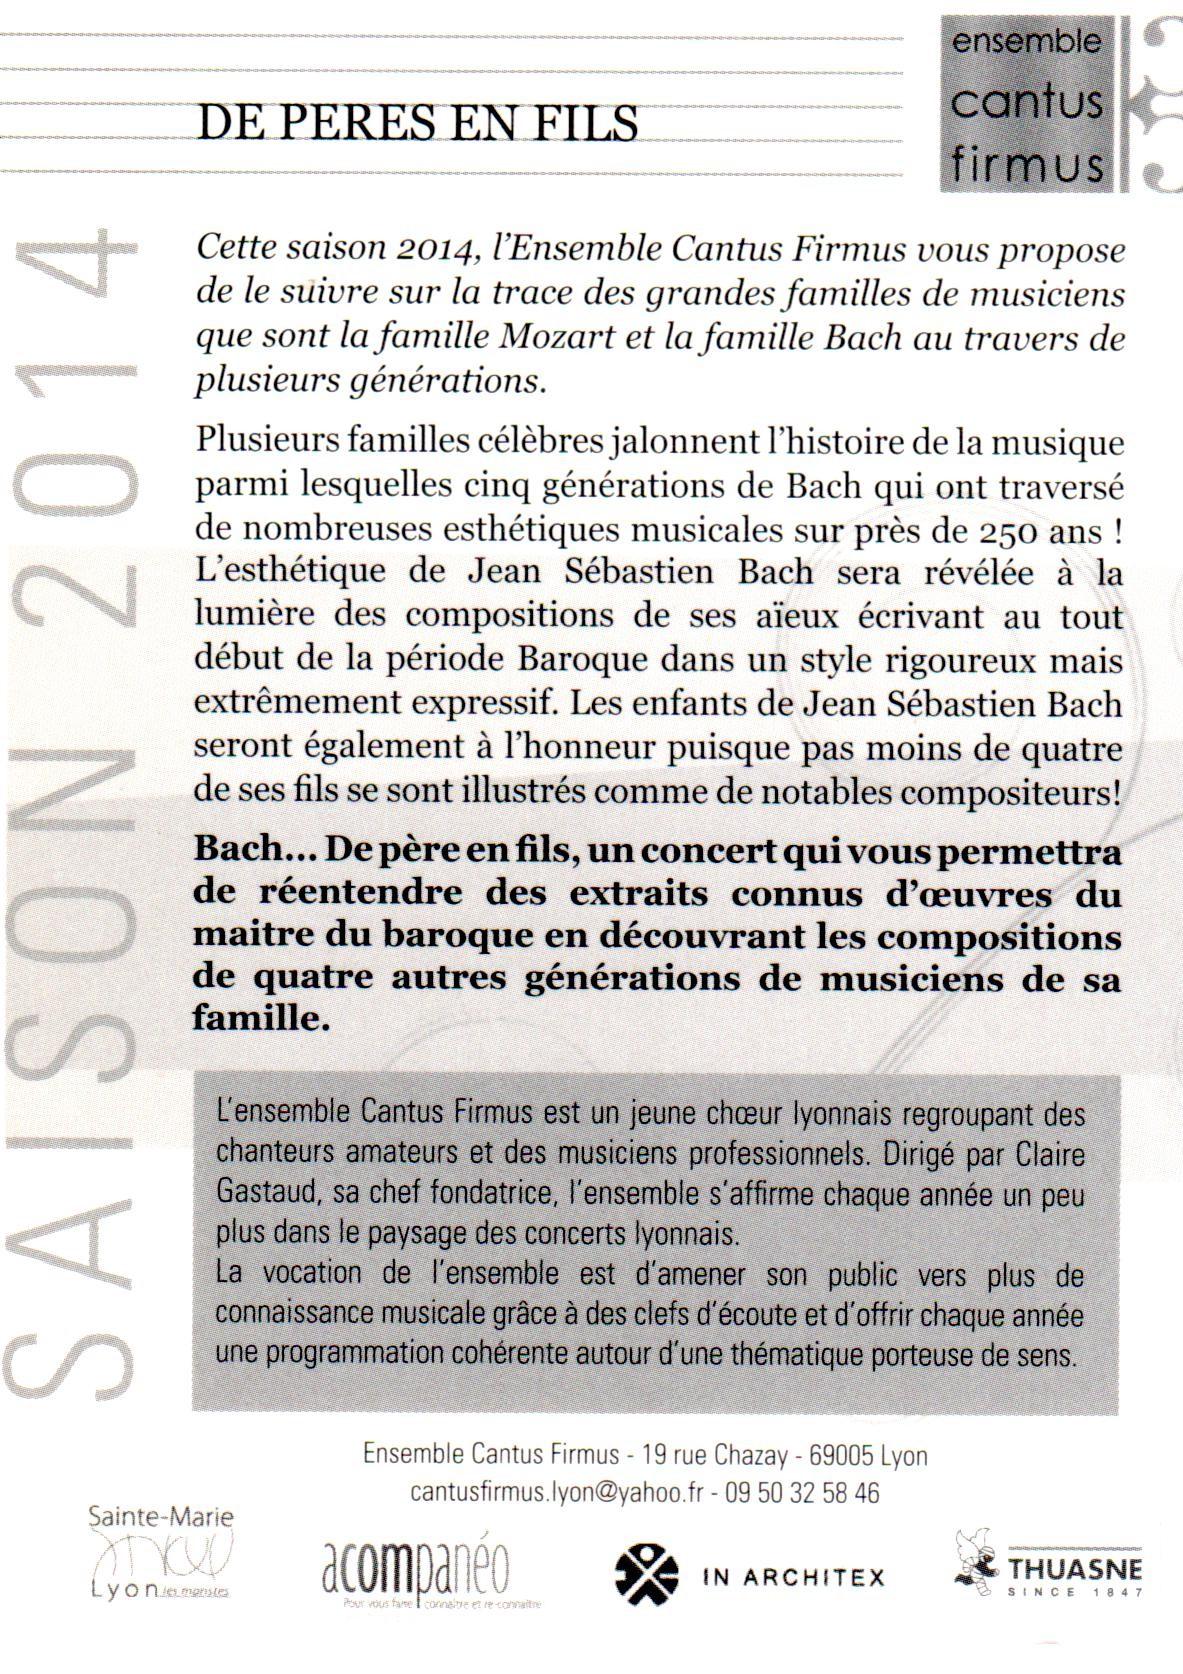 2014-10_BACH de PERES en FILS (2)